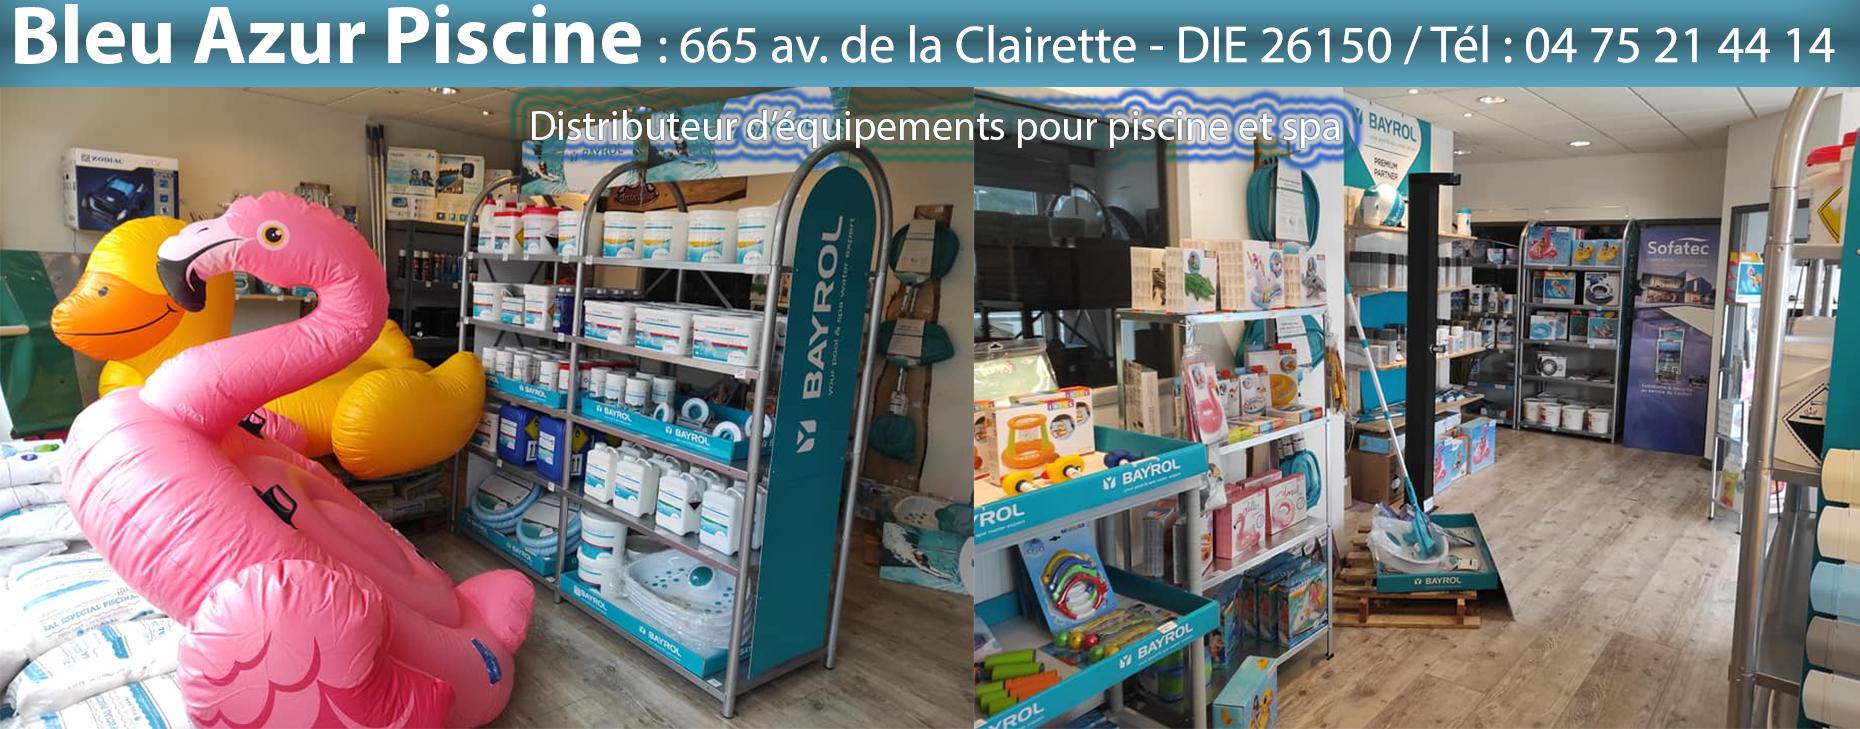 Bleu Azur Piscine -Die 26150-site web-3.